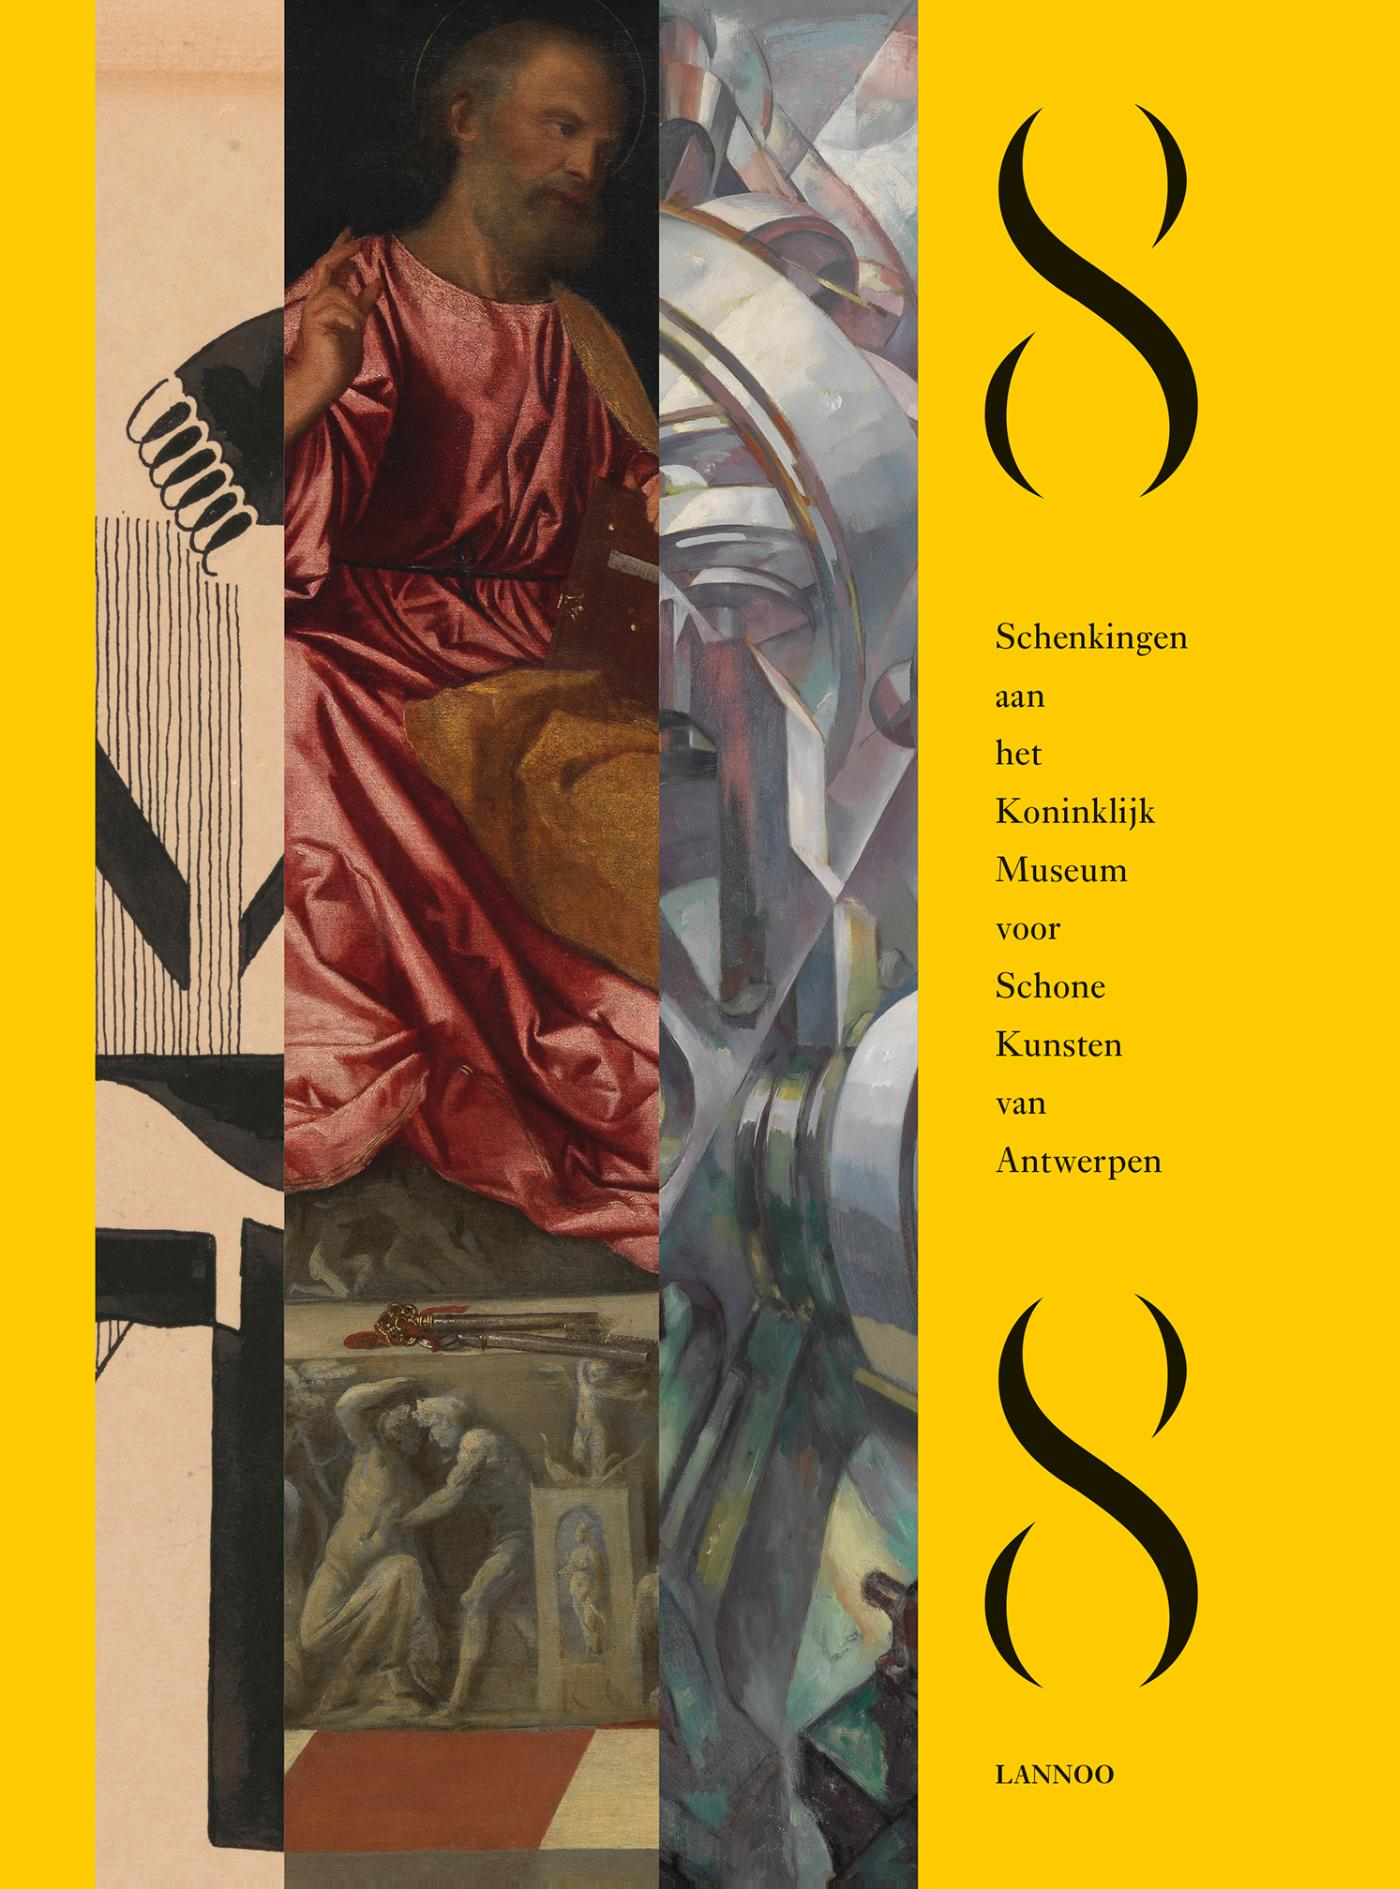 Schenkingen aan het Koninklijk Museum voor Schone Kunsten Antwerpen 2018